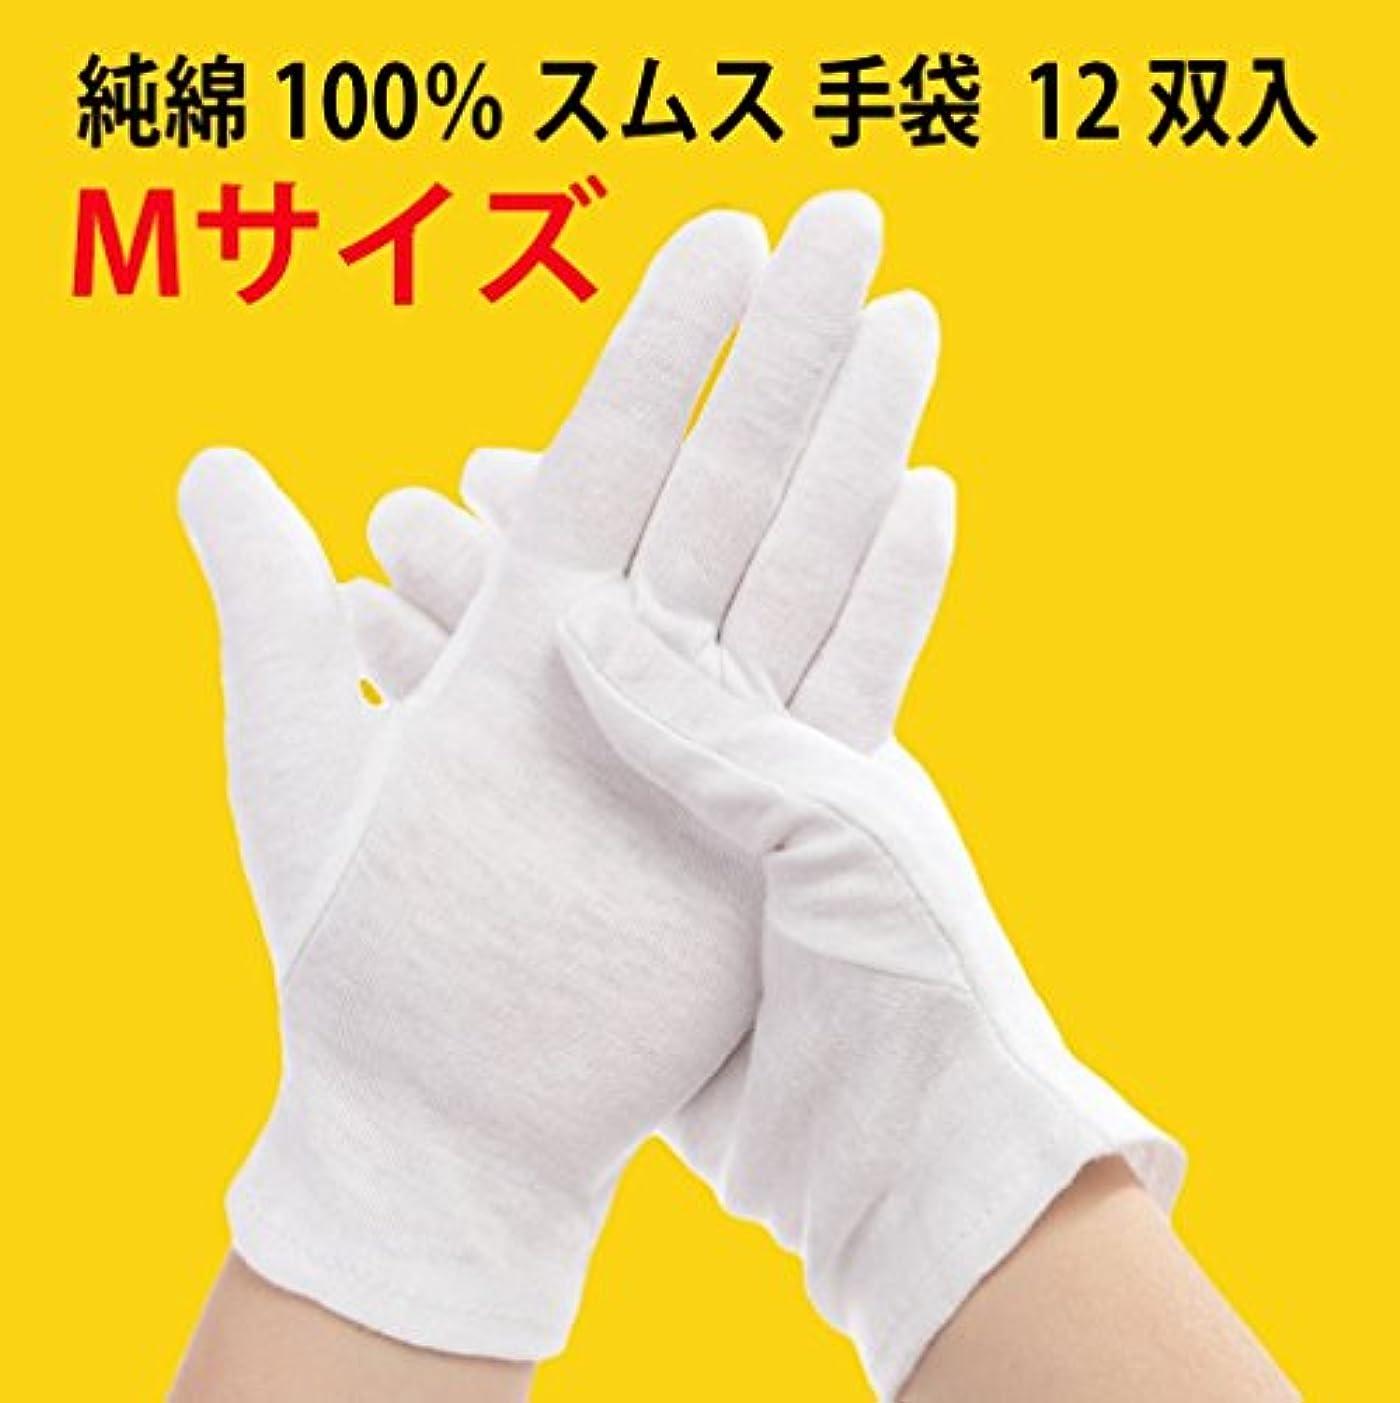 鎮静剤練習した言う純綿100% スムス 手袋 Mサイズ 12双 多用途 101115